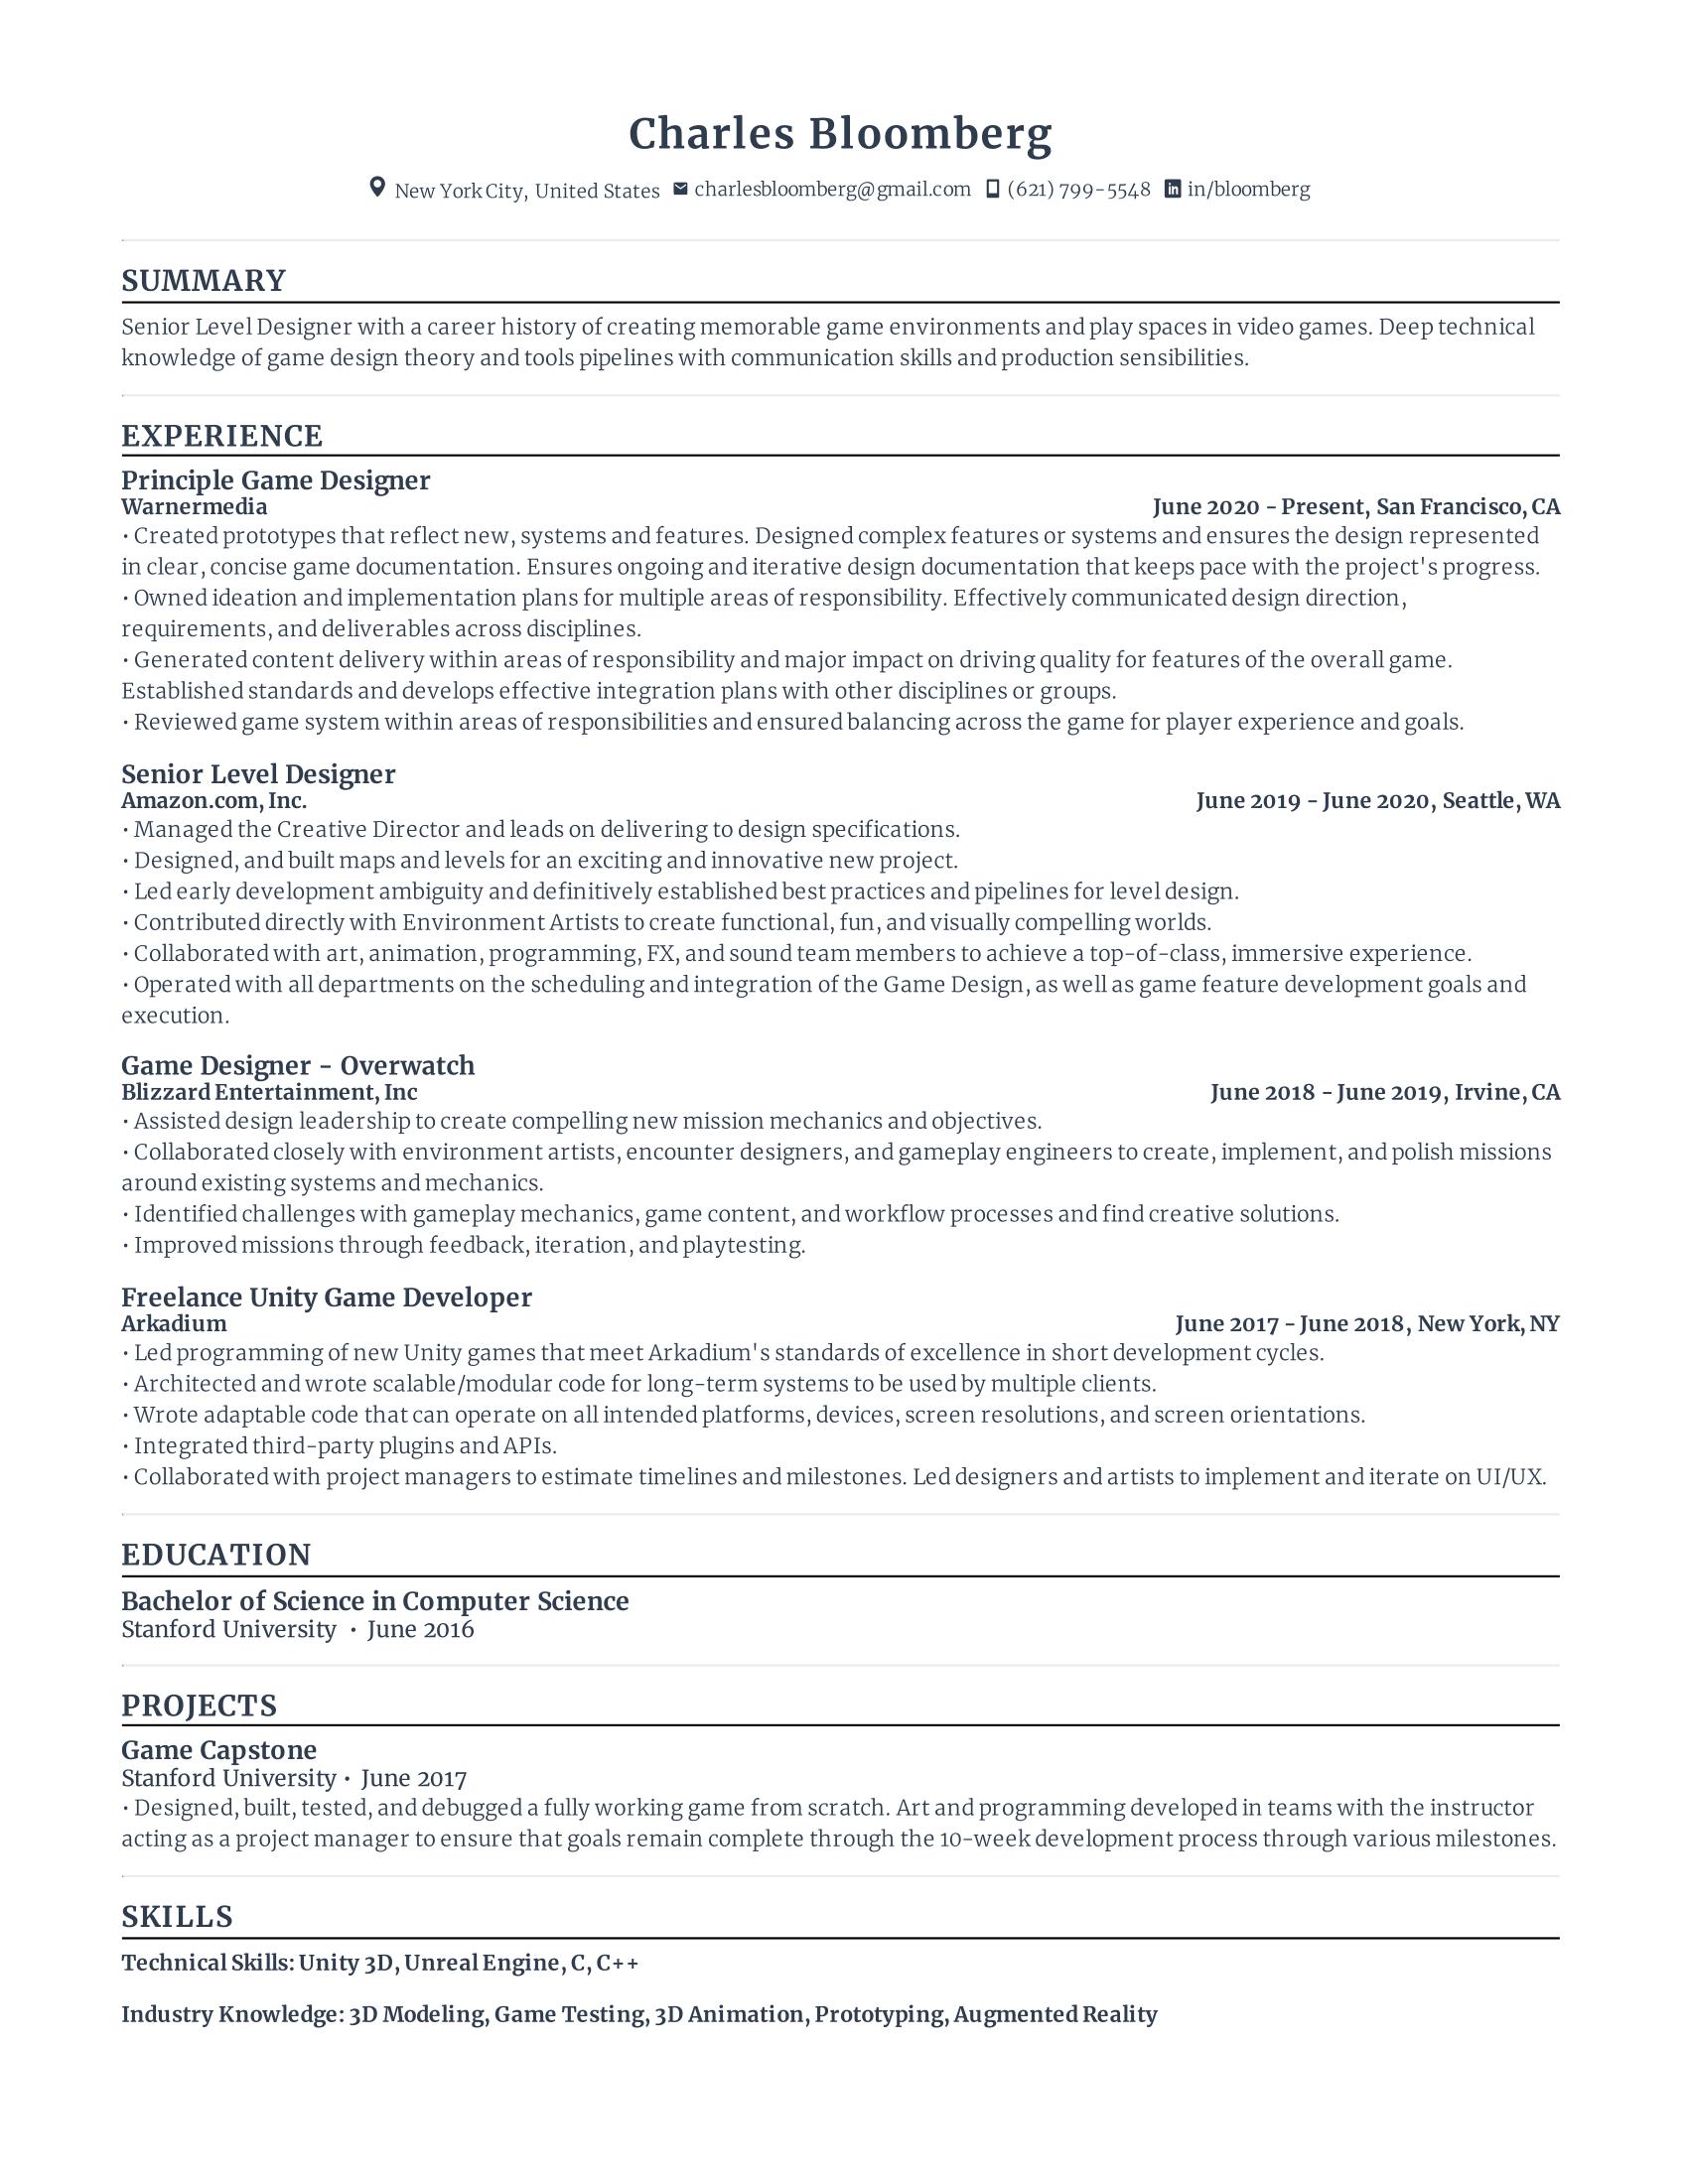 Game Developer Resume